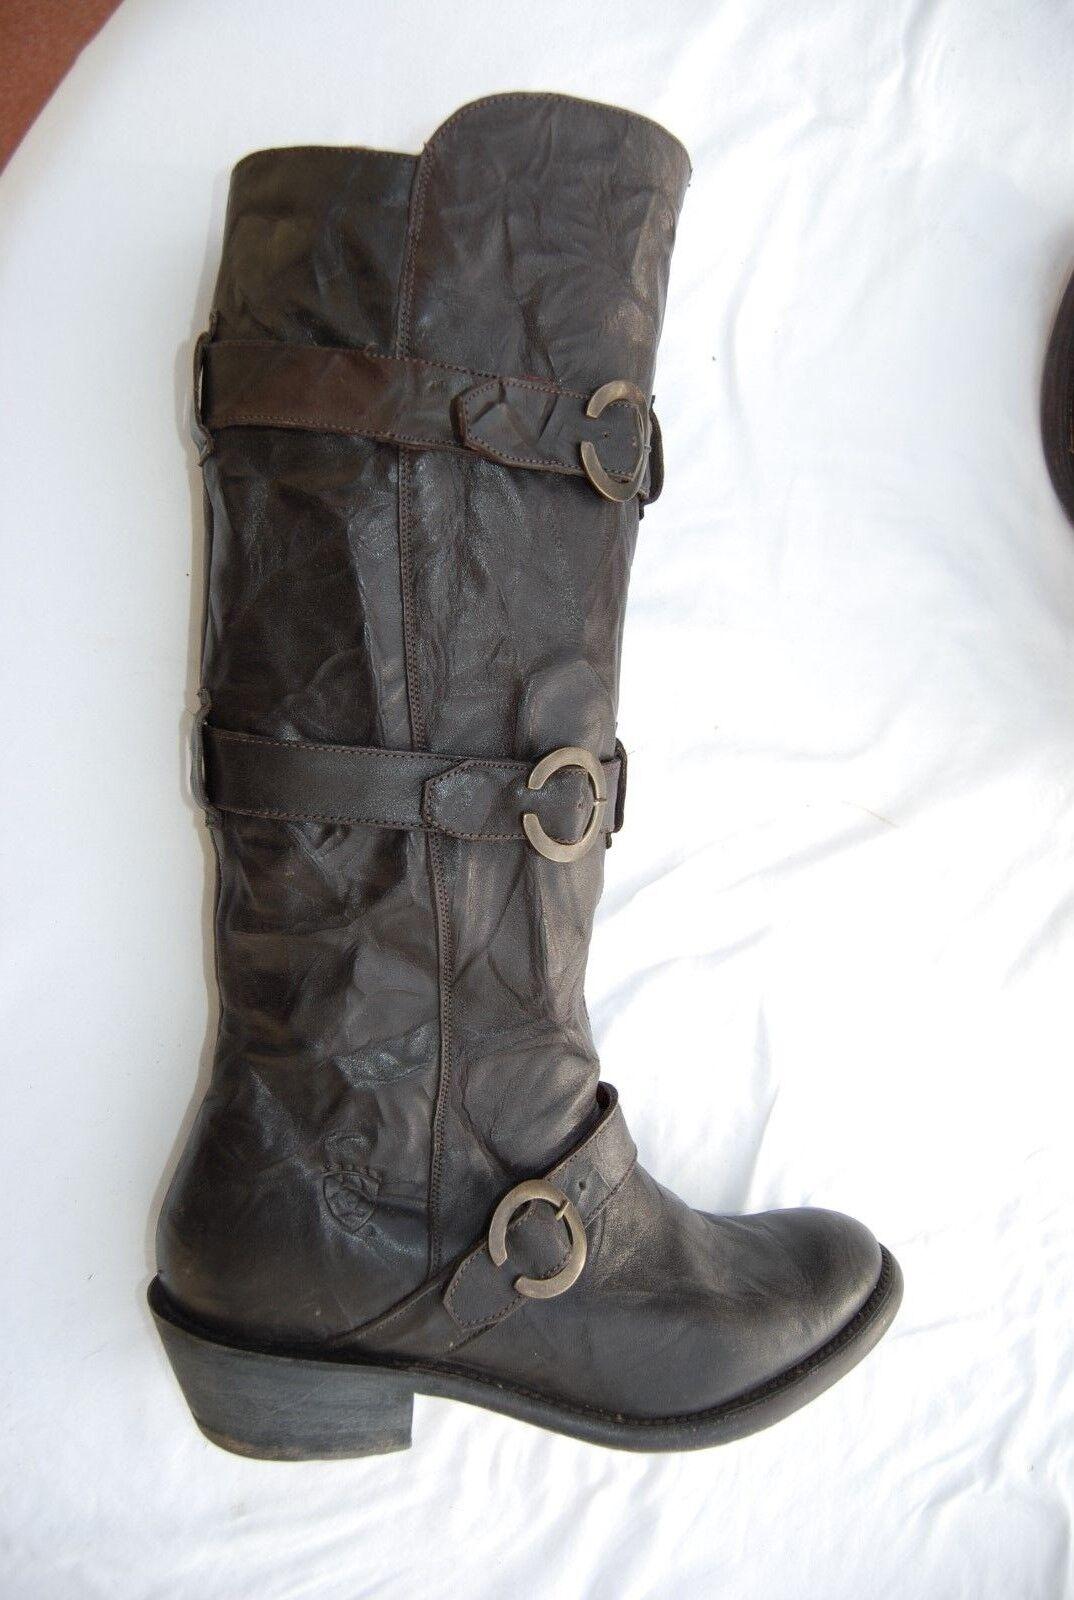 Dark Braun Distressed Leder ARIAT Side Zip Tall Stiefel w/Straps 9 B